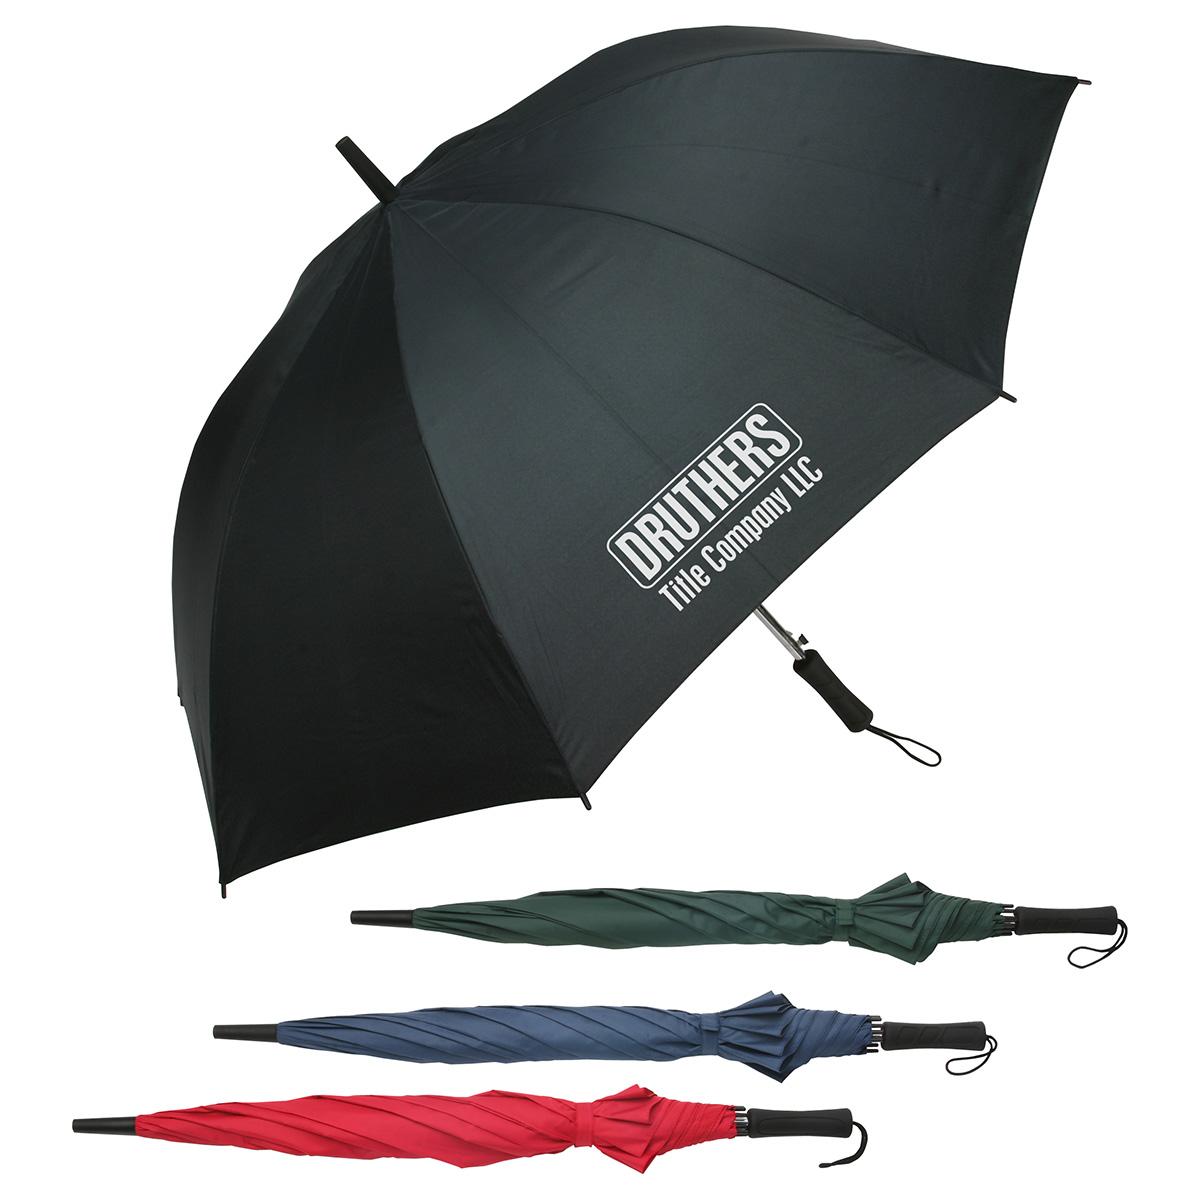 Lockwood Auto Open Golf Umbrella, WTV-LG11 - 1 Colour Imprint